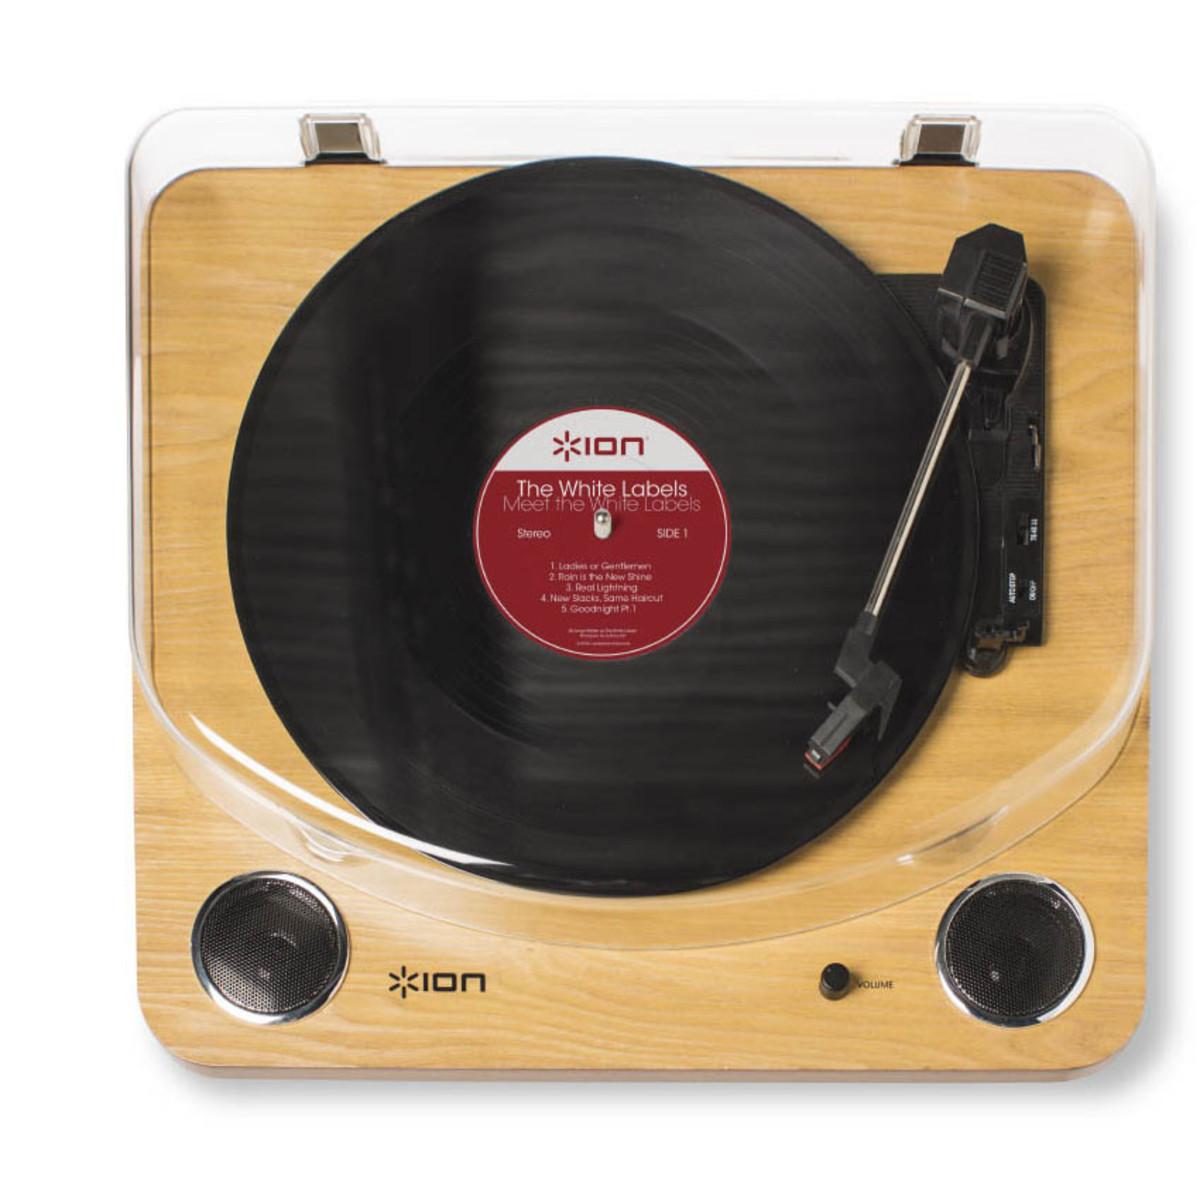 ion max lp usb platine vinyle avec haut parleurs int gr s. Black Bedroom Furniture Sets. Home Design Ideas